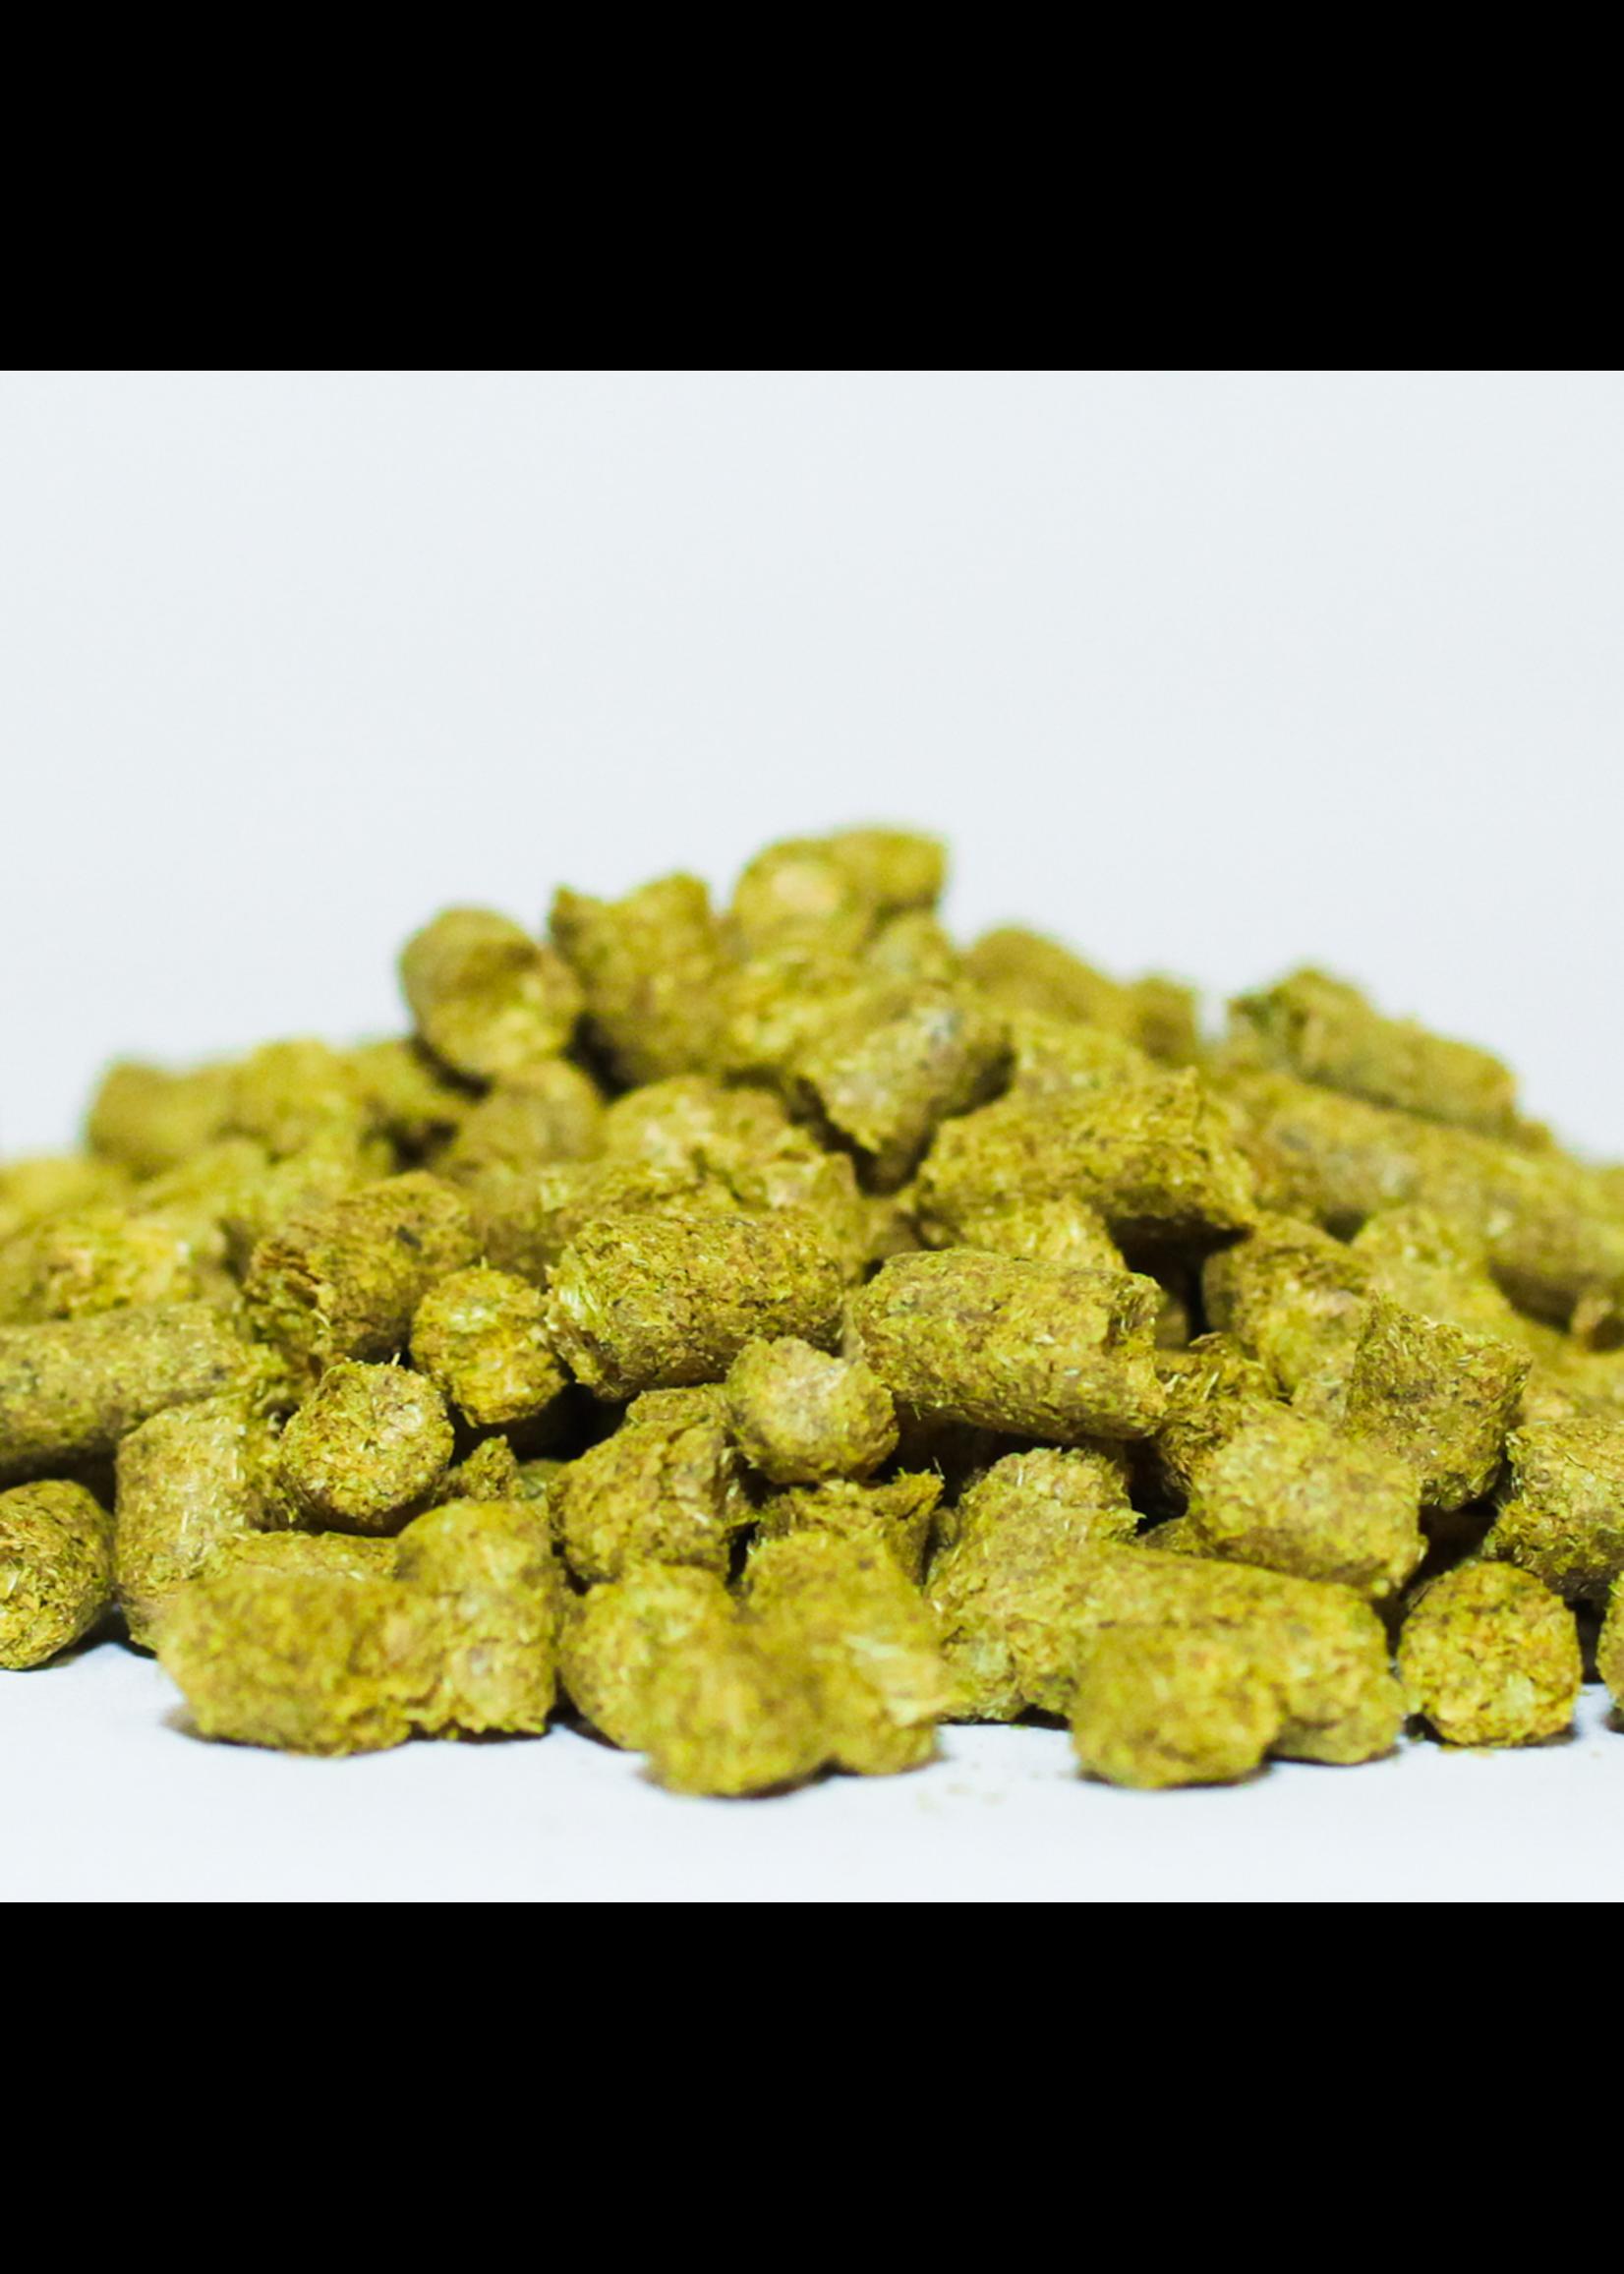 Hops Sovereign Hops (UK) - Pellets - 1 oz